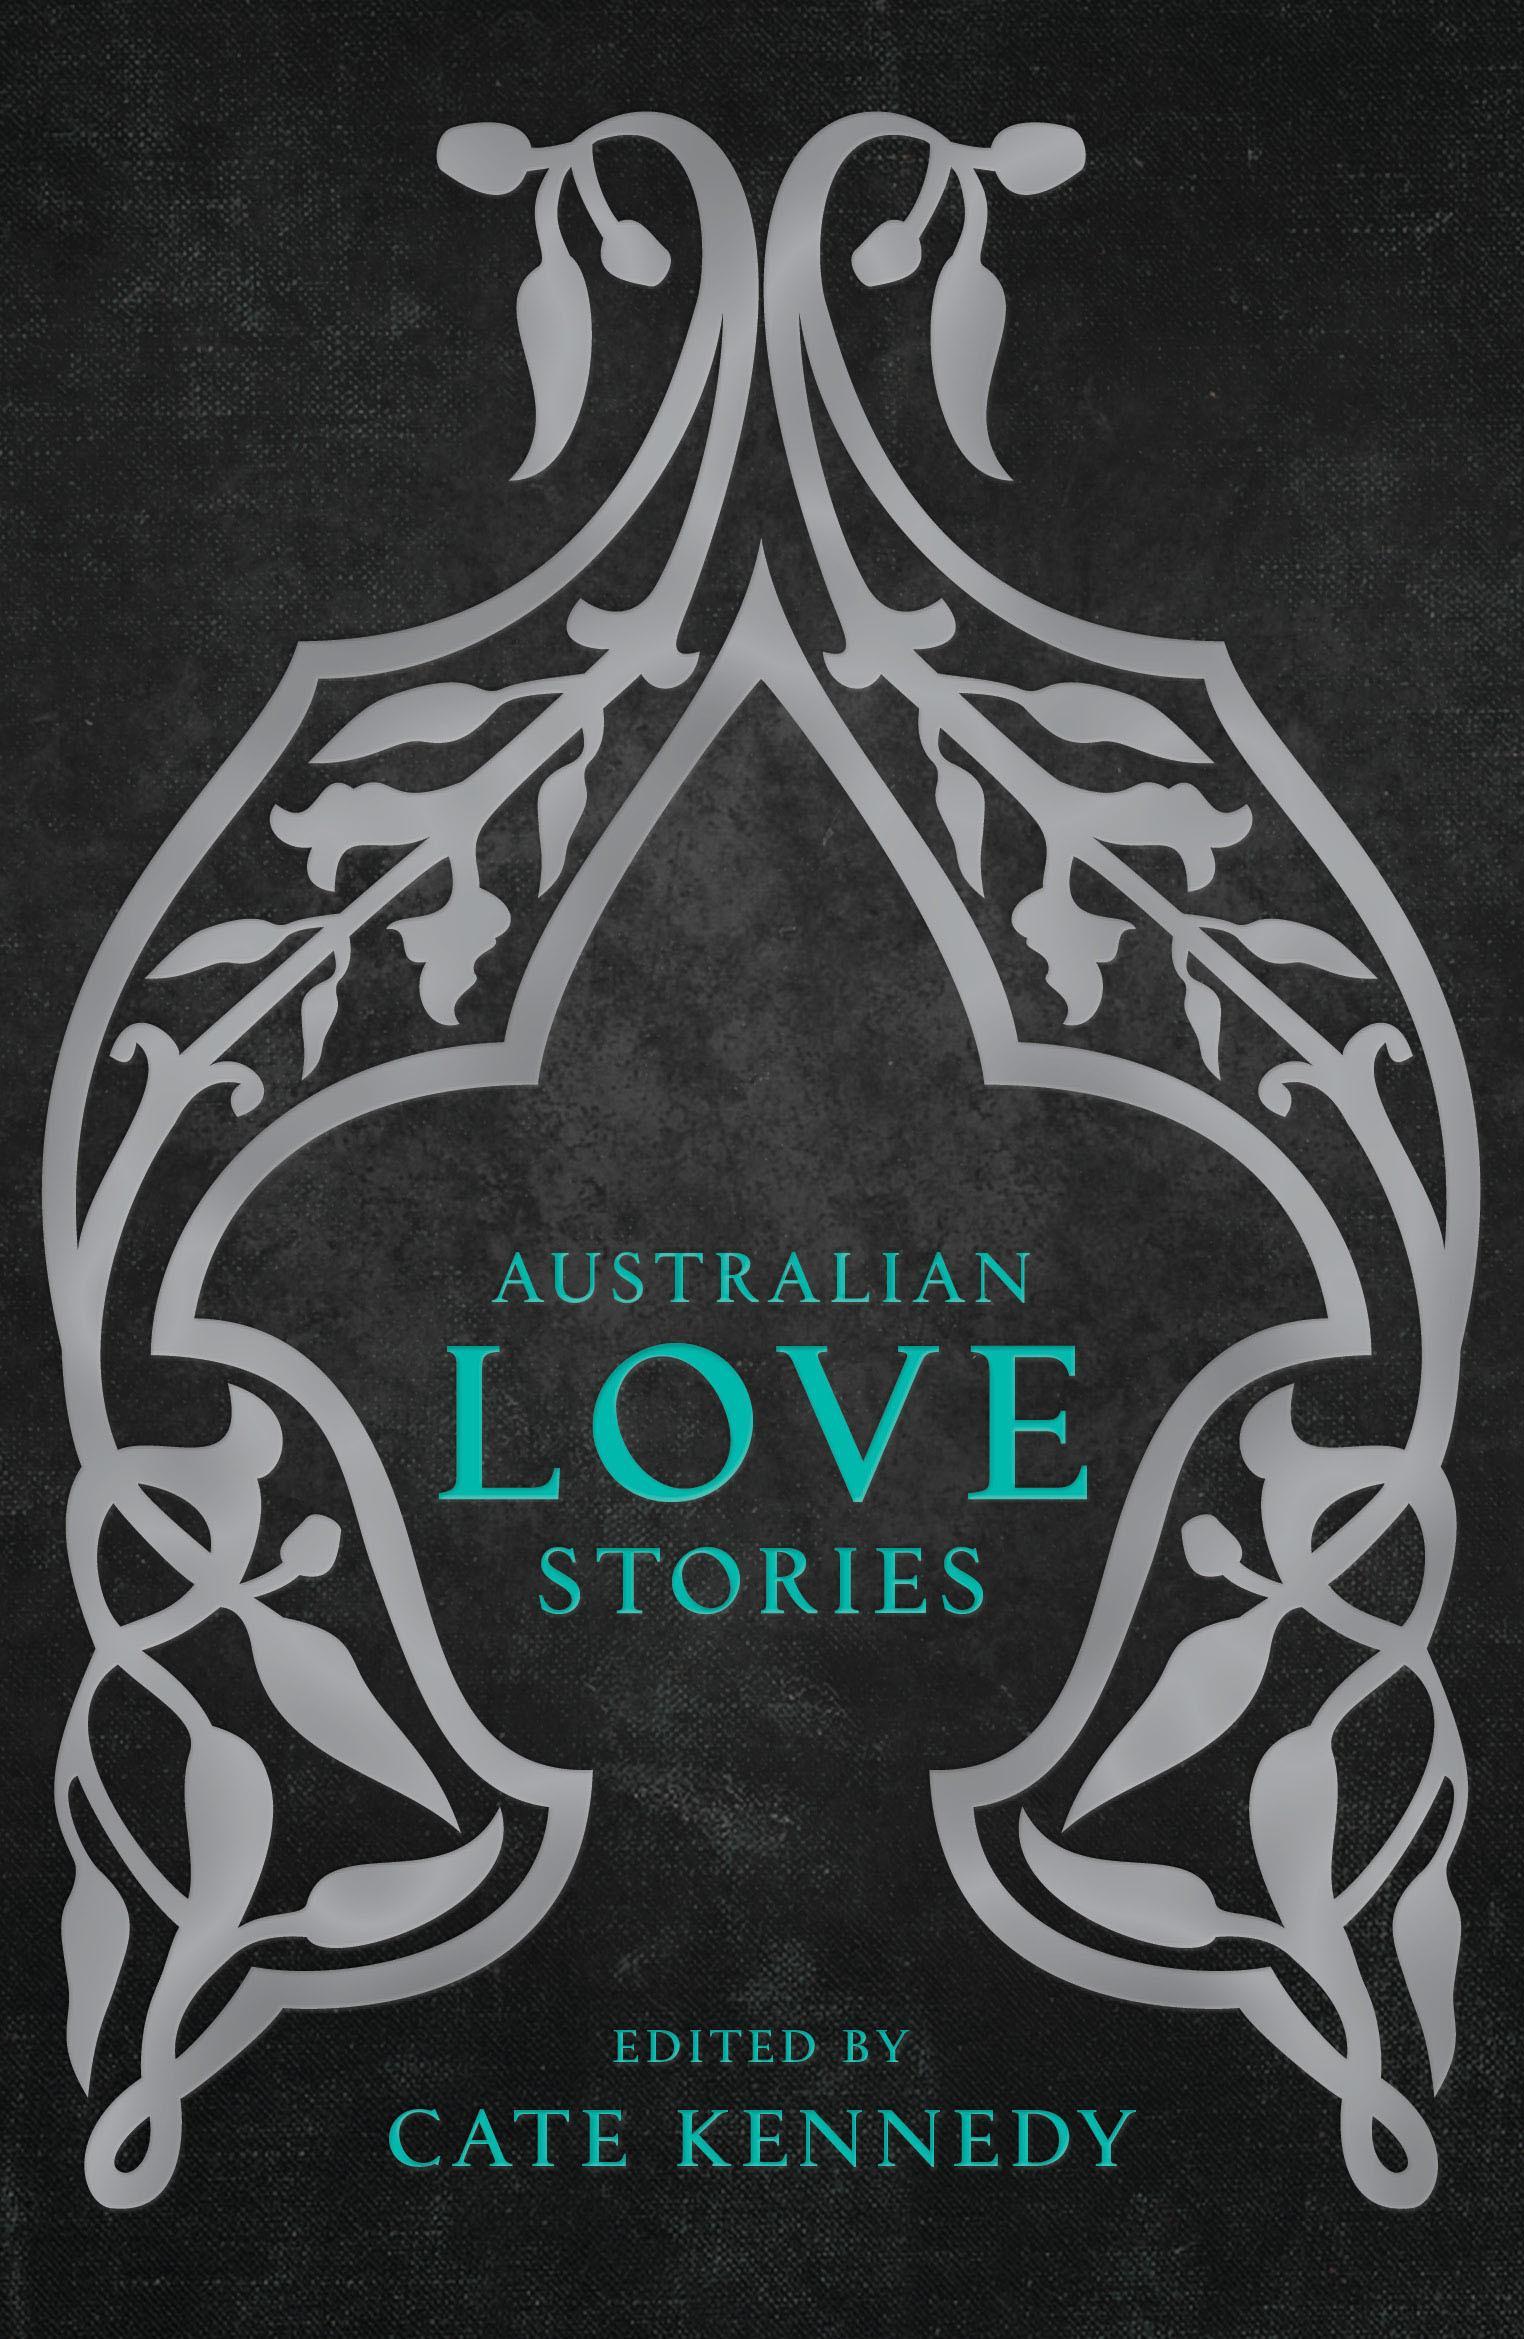 AustralianLoveStories